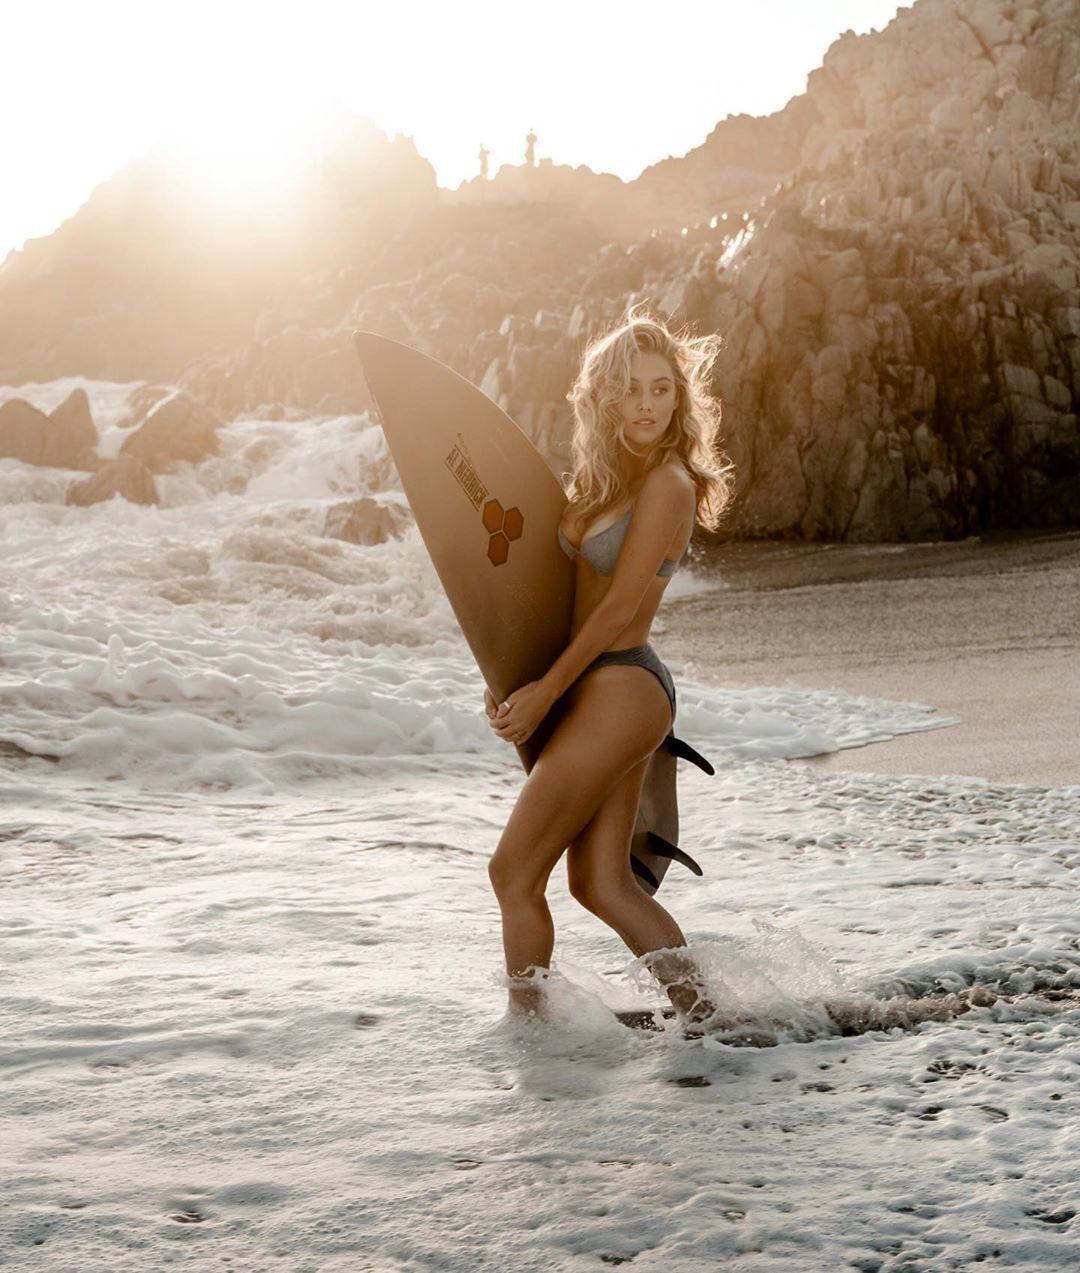 Брі Лін Клейнтоп заходить у воду з дошкою для серфінгу